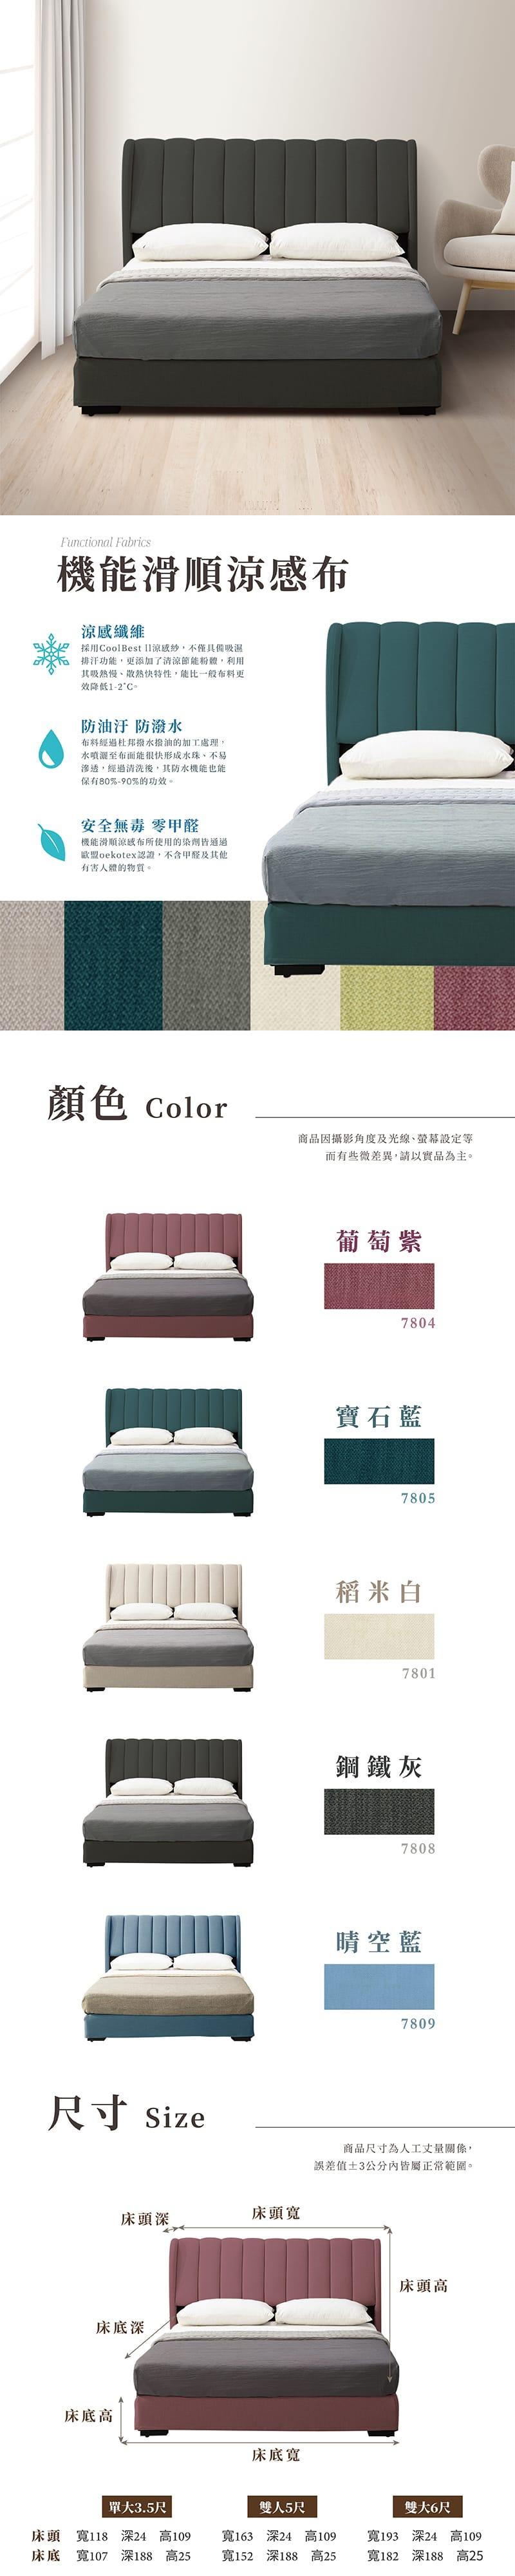 若拉 涼感紗床組兩件 單人加大3.5尺(床頭片+床底)